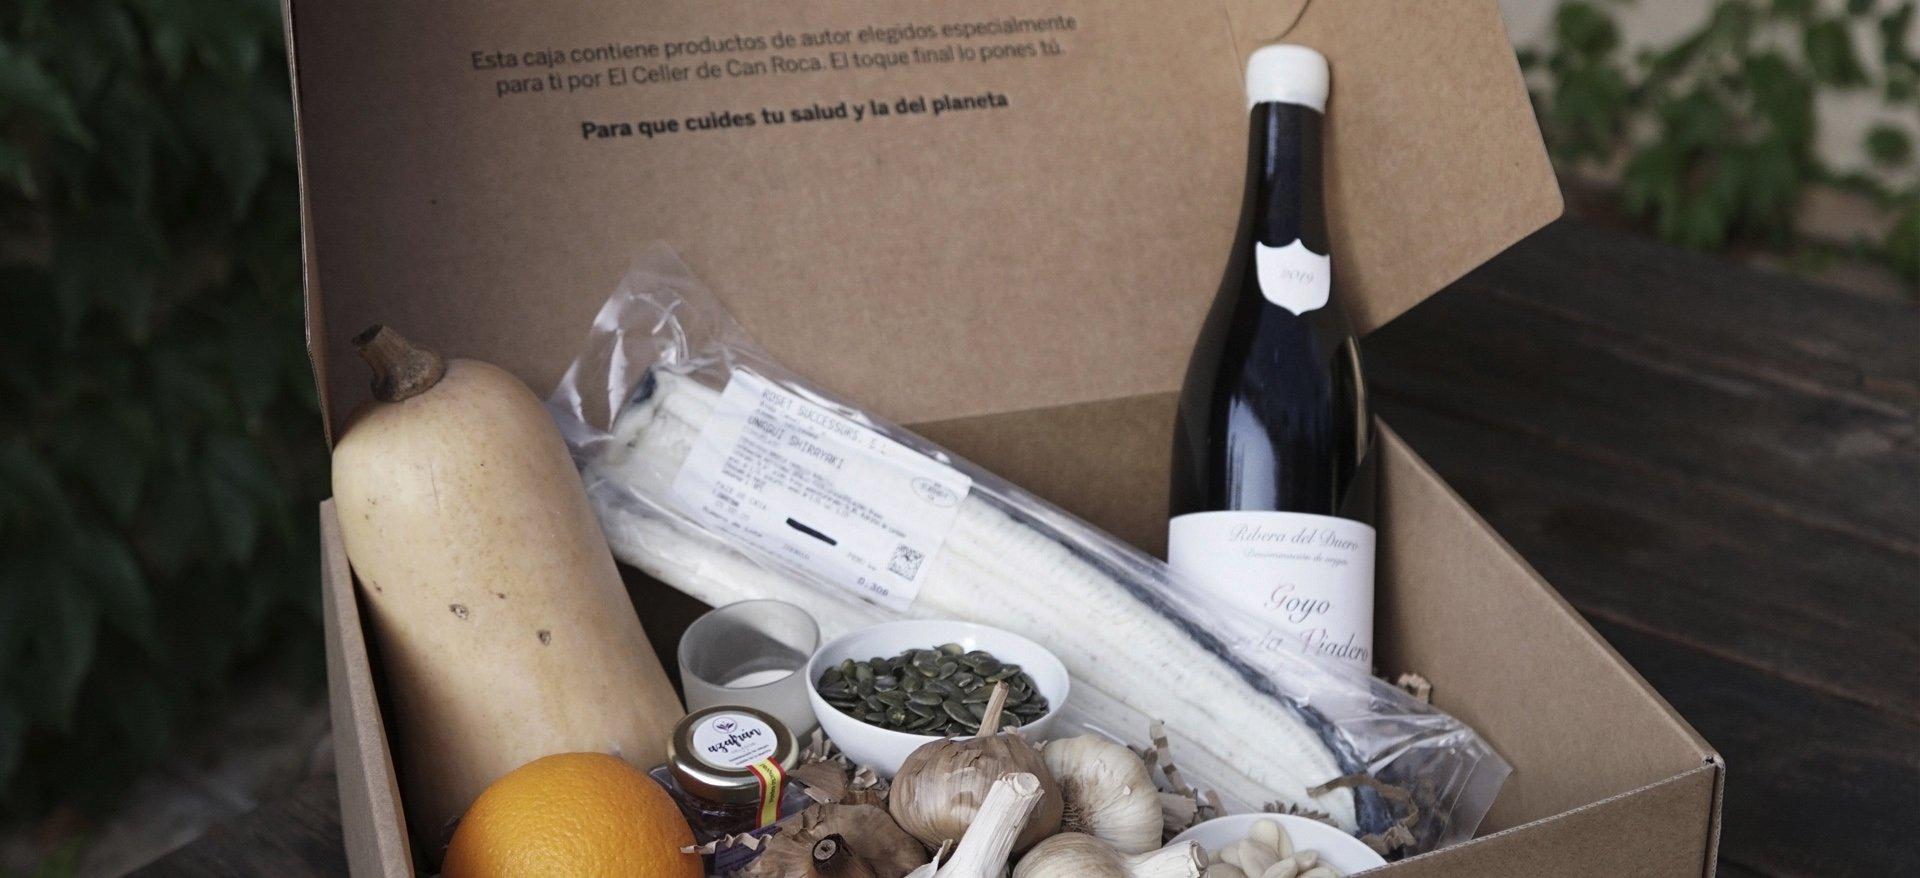 Los productos galardonados serán incluidos en una de las cestas de 'Gastronomía sostenible'